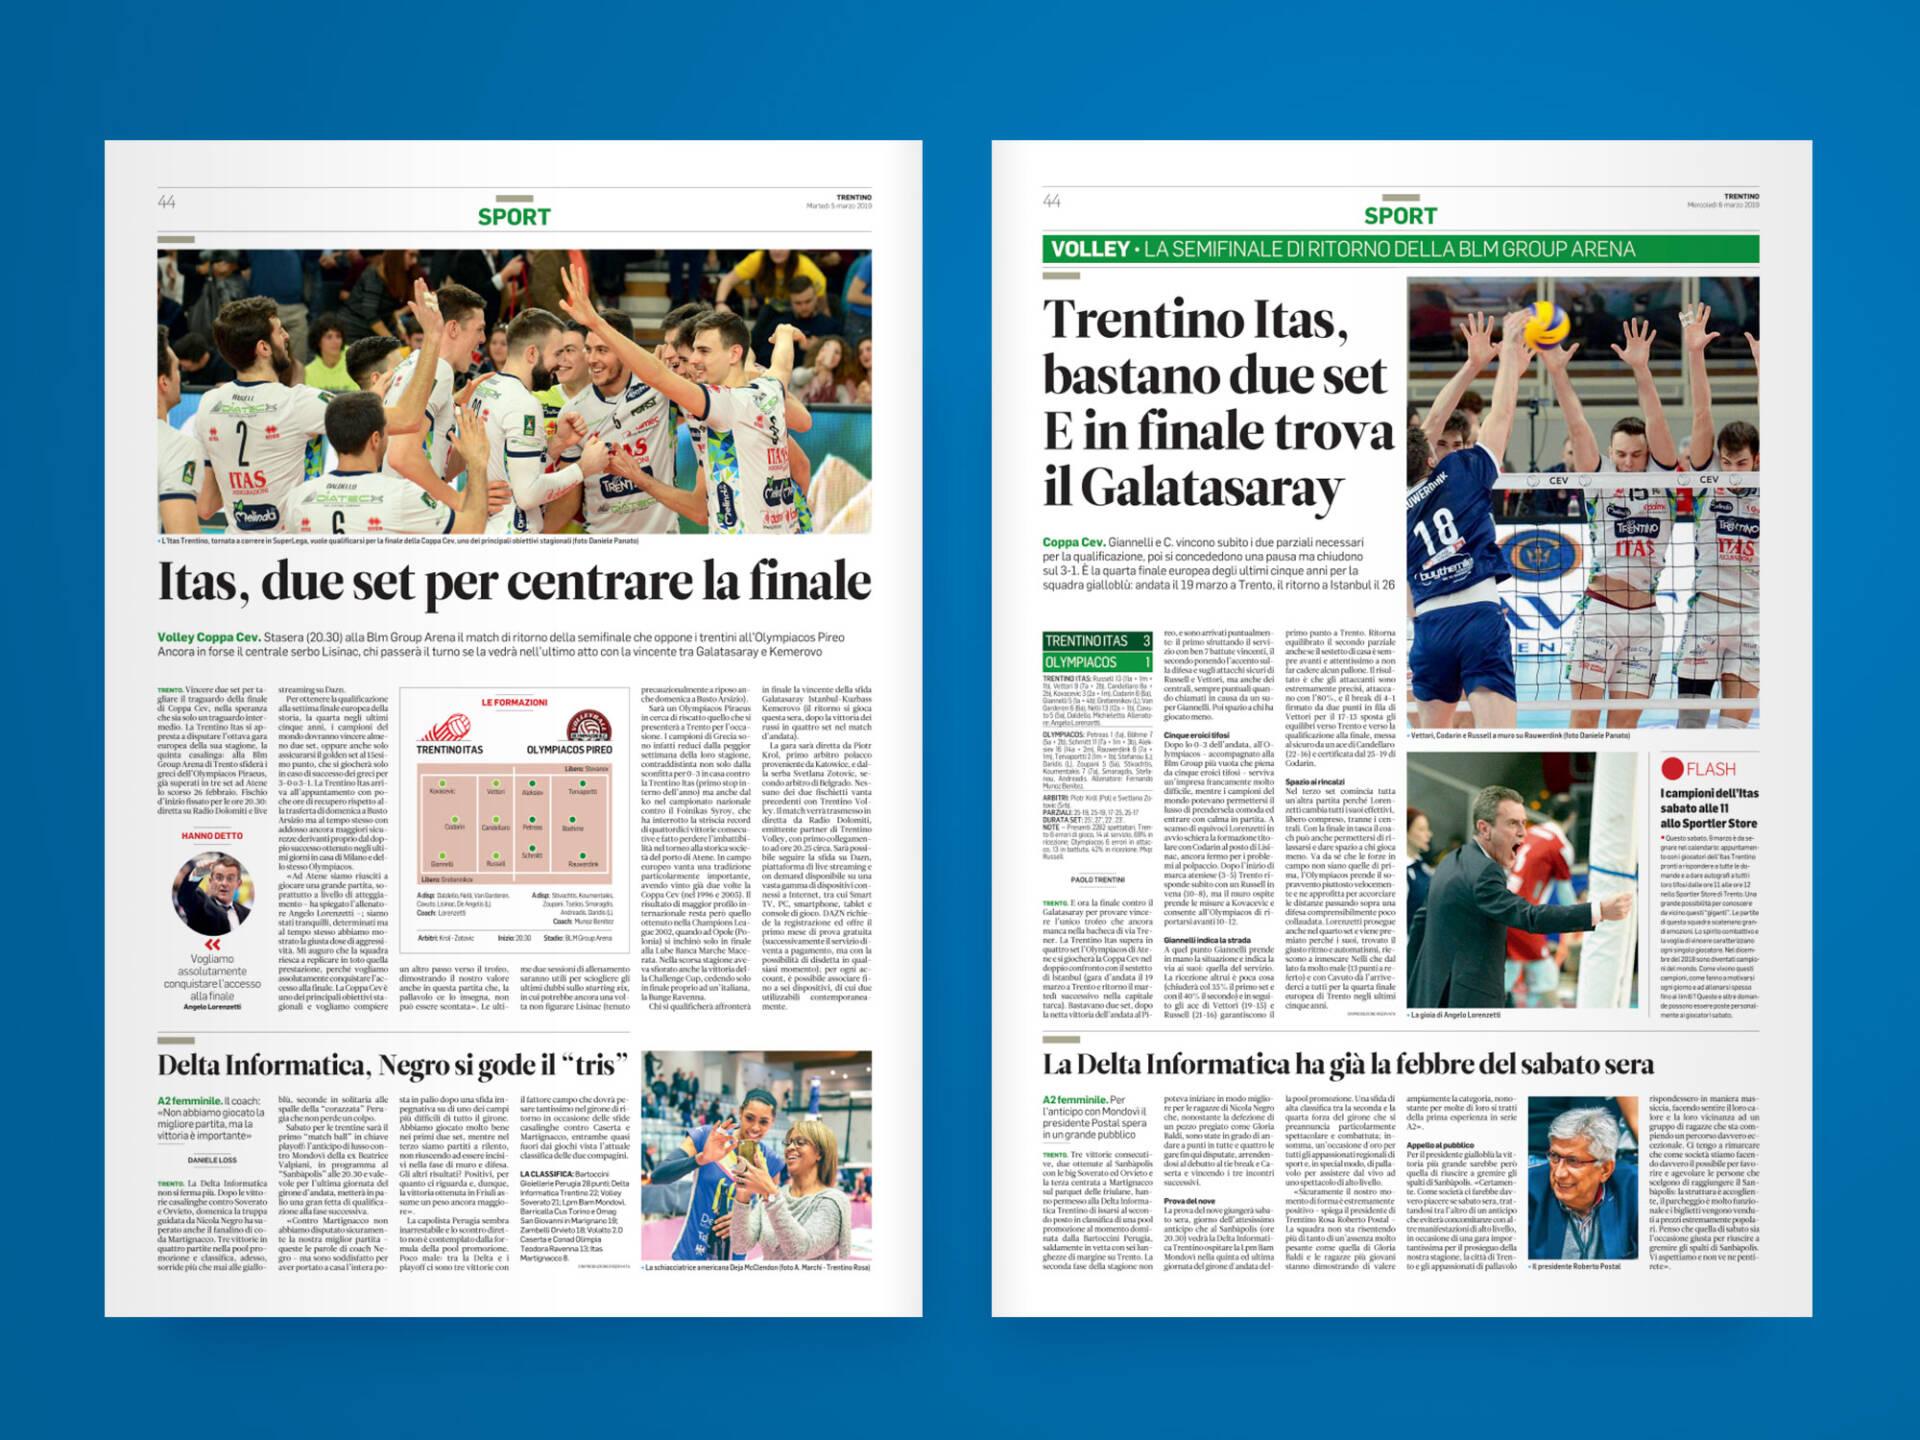 Trentino_09a_Wenceslau_News_Design